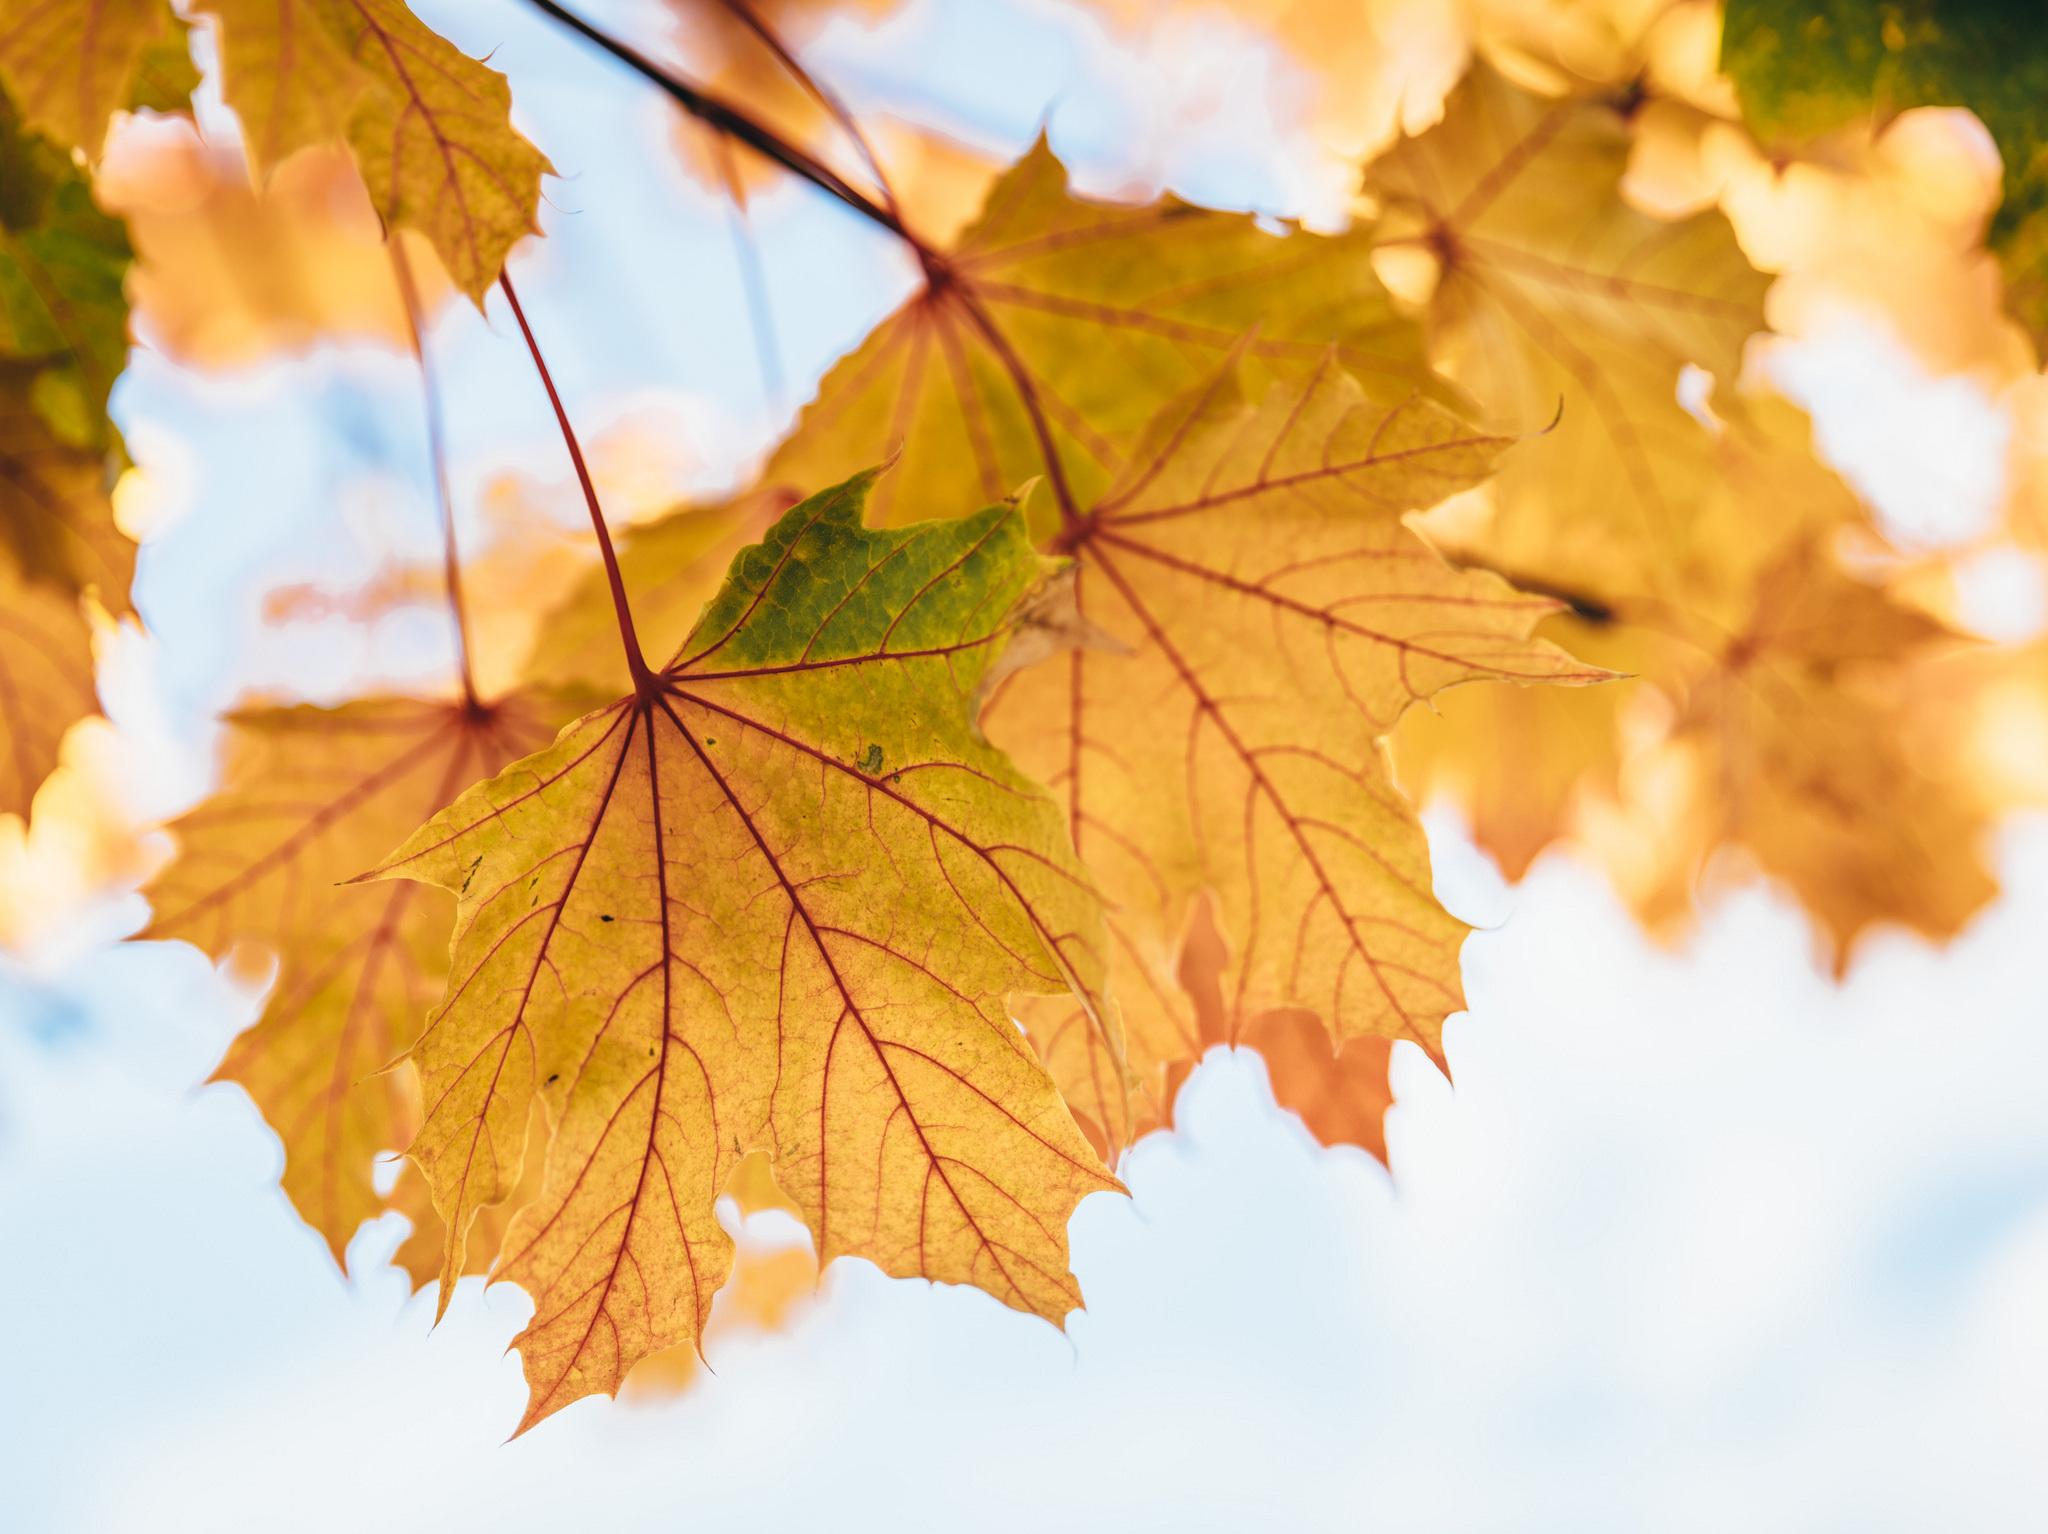 картинки листья желтые получения